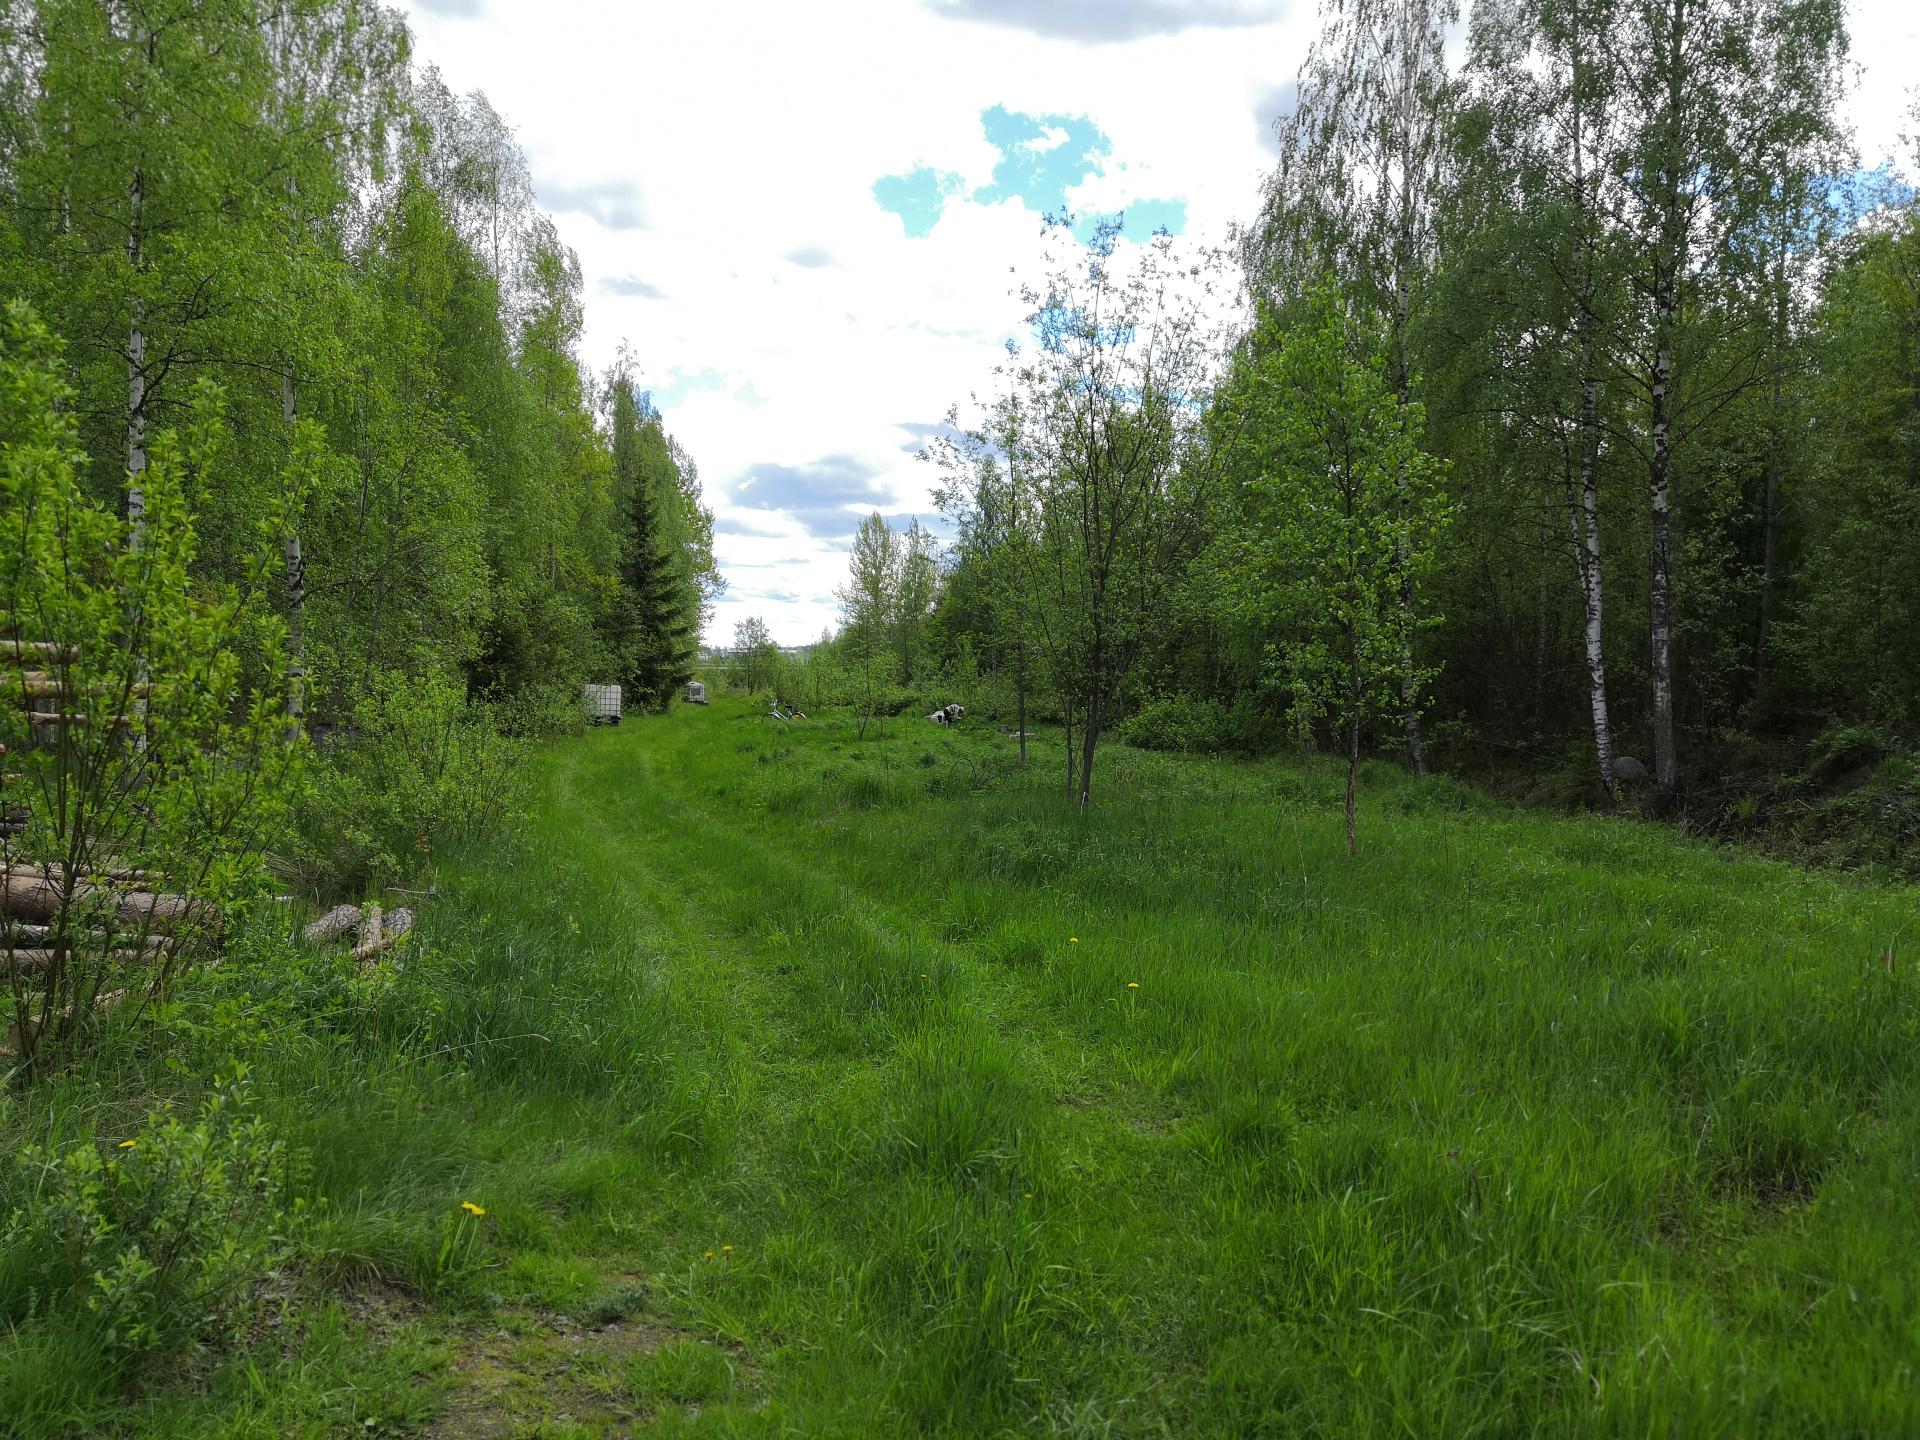 Näkymä vehreälle palstaviljelyalueelle.